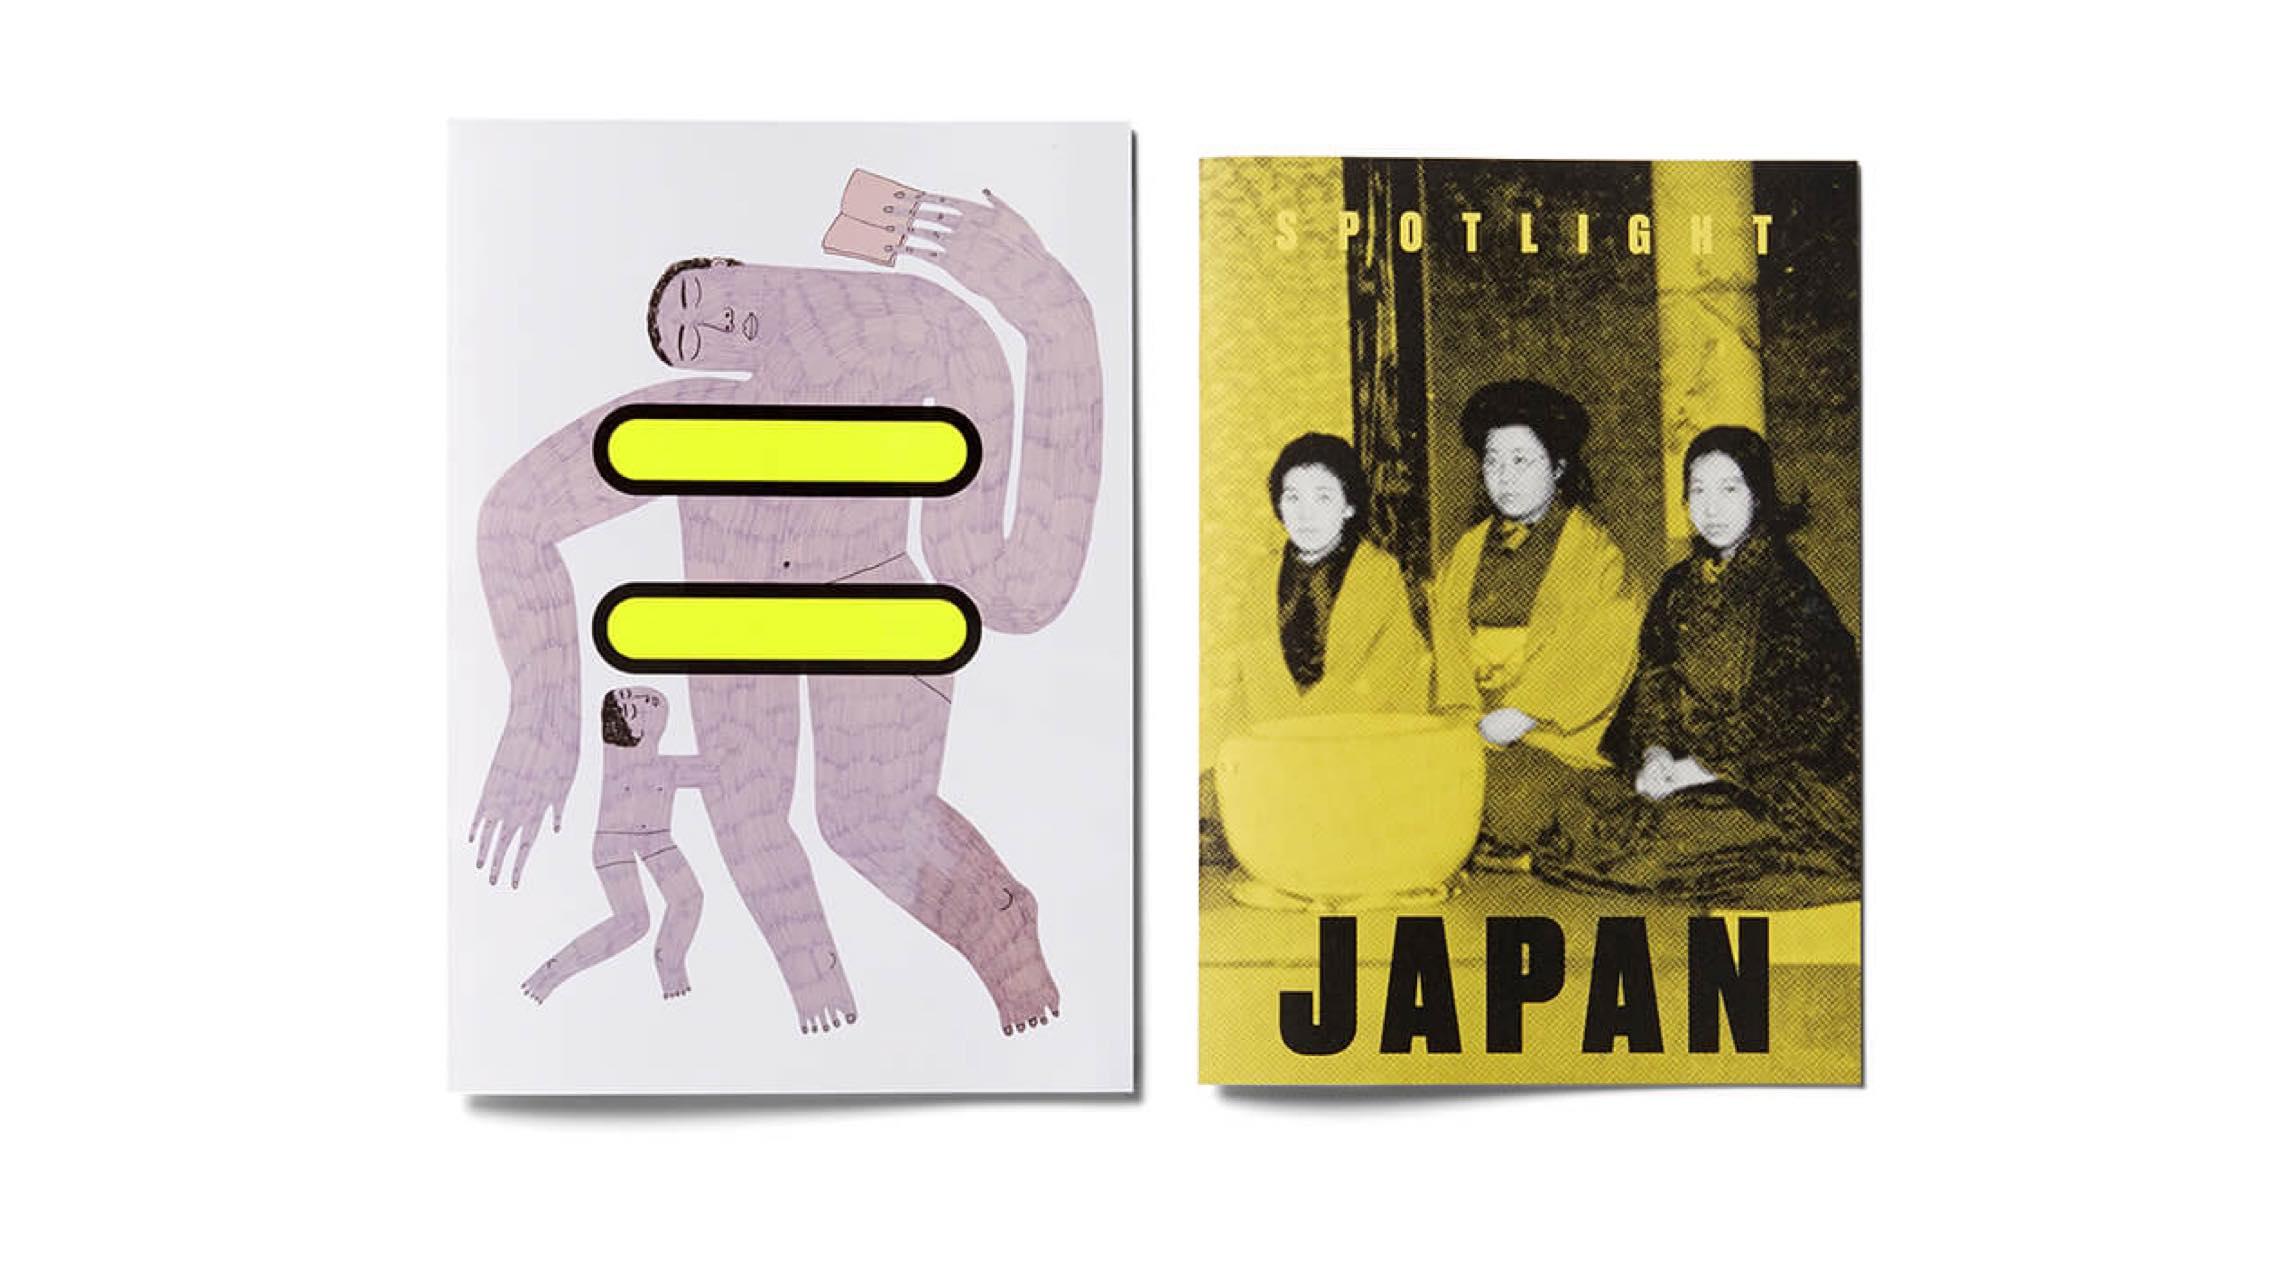 ジェンダー平等を目指すGUCCIが見た日本。デザインコンシャスな社会派ZINE「CHIME」が見逃せない